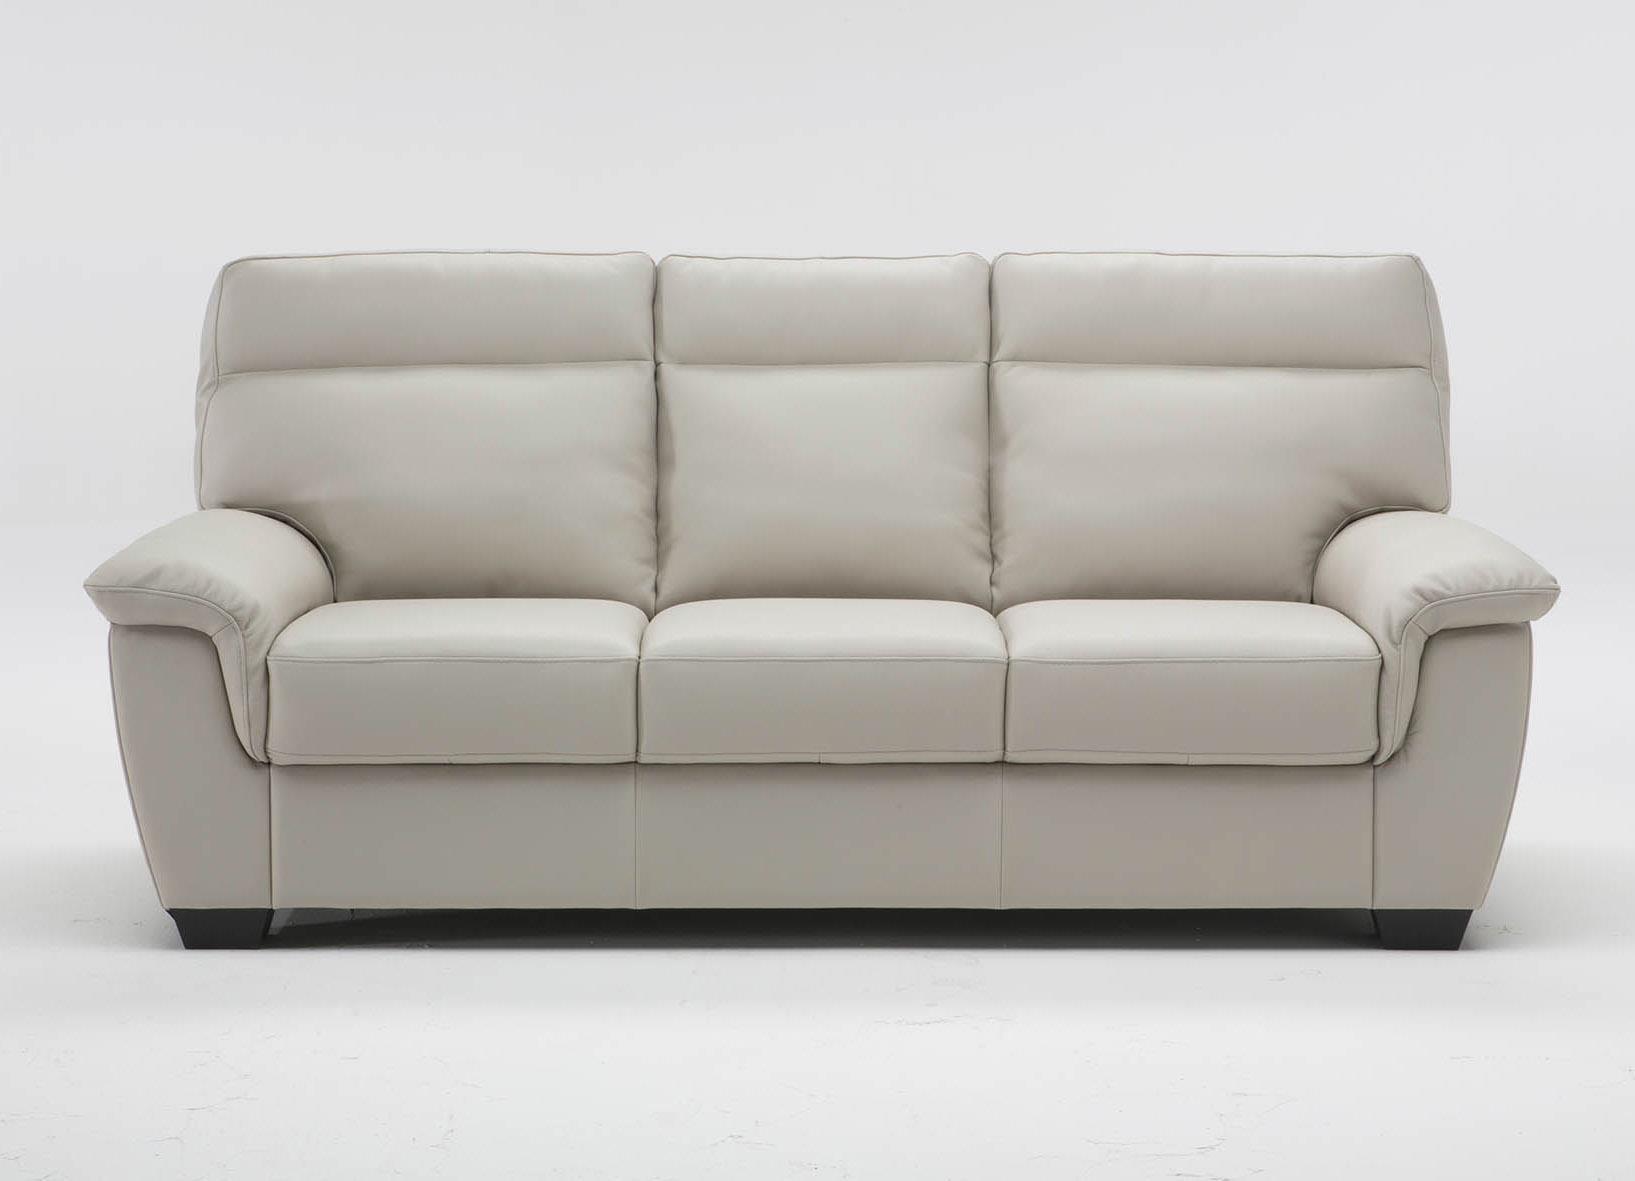 Casual Leather Sofa